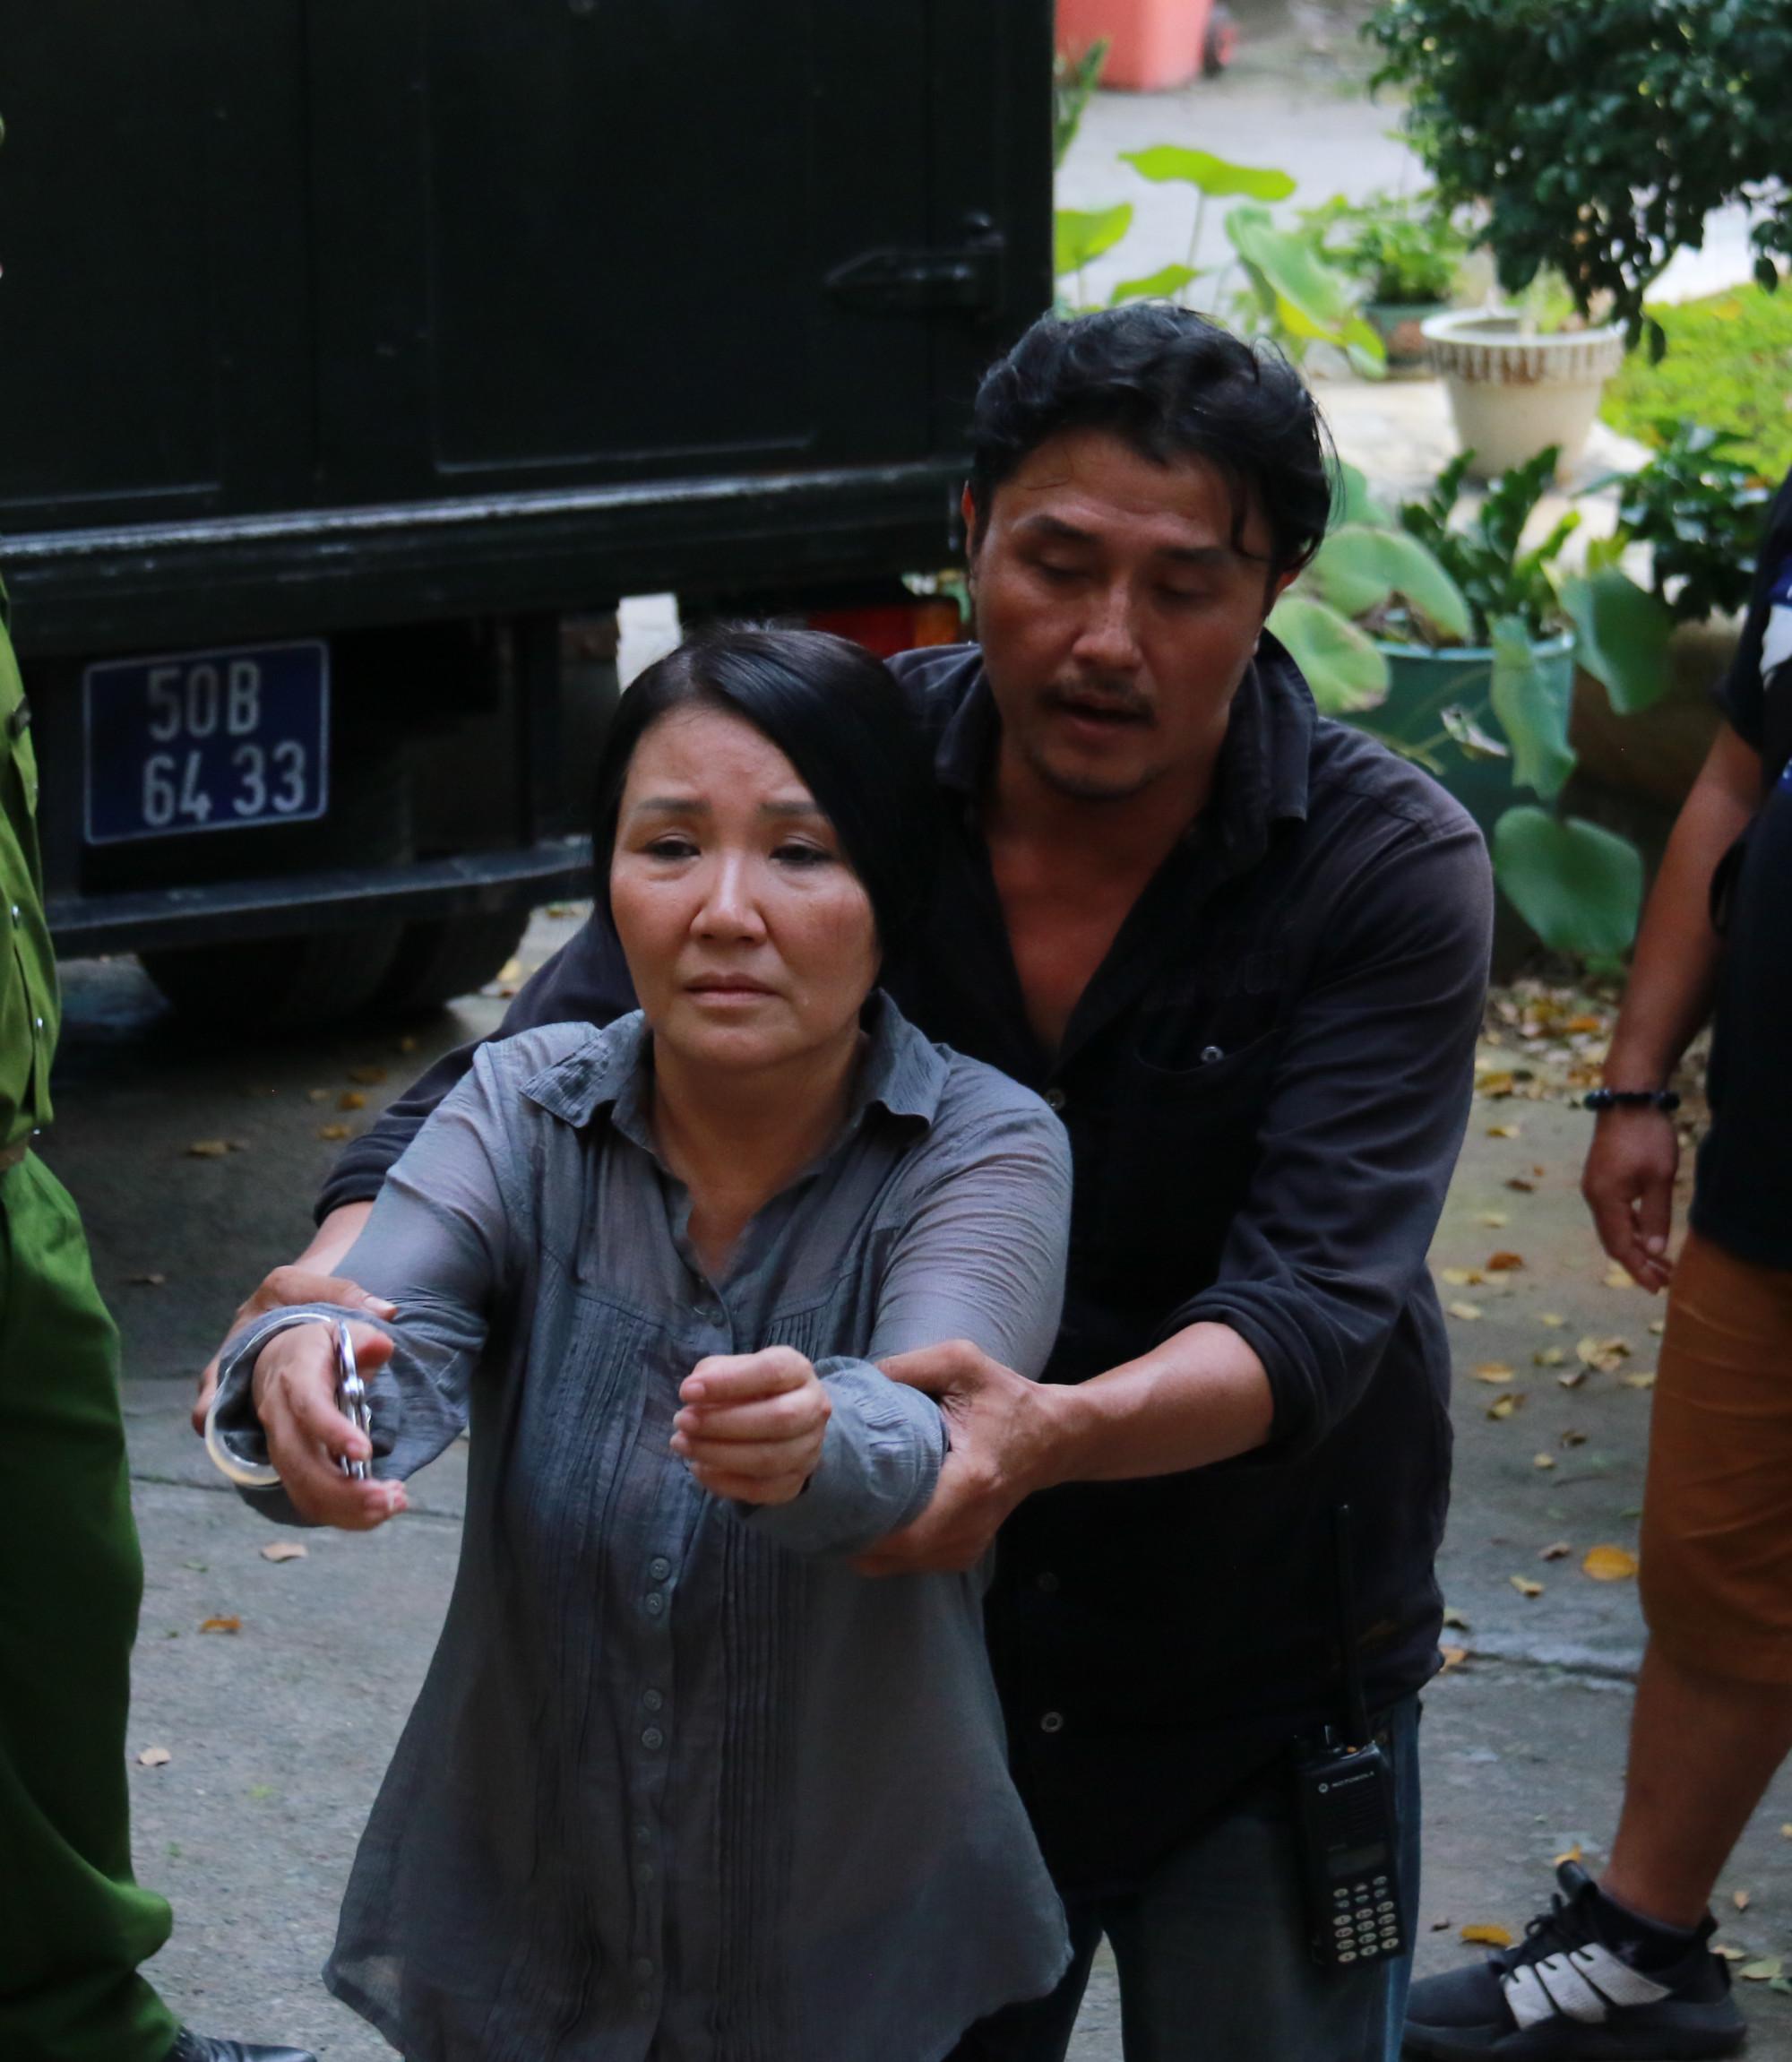 Đạo diễn Nguyễn Hồng Chi chỉ đạo diễn xuất cho bà Cẩm trước một cảnh quay